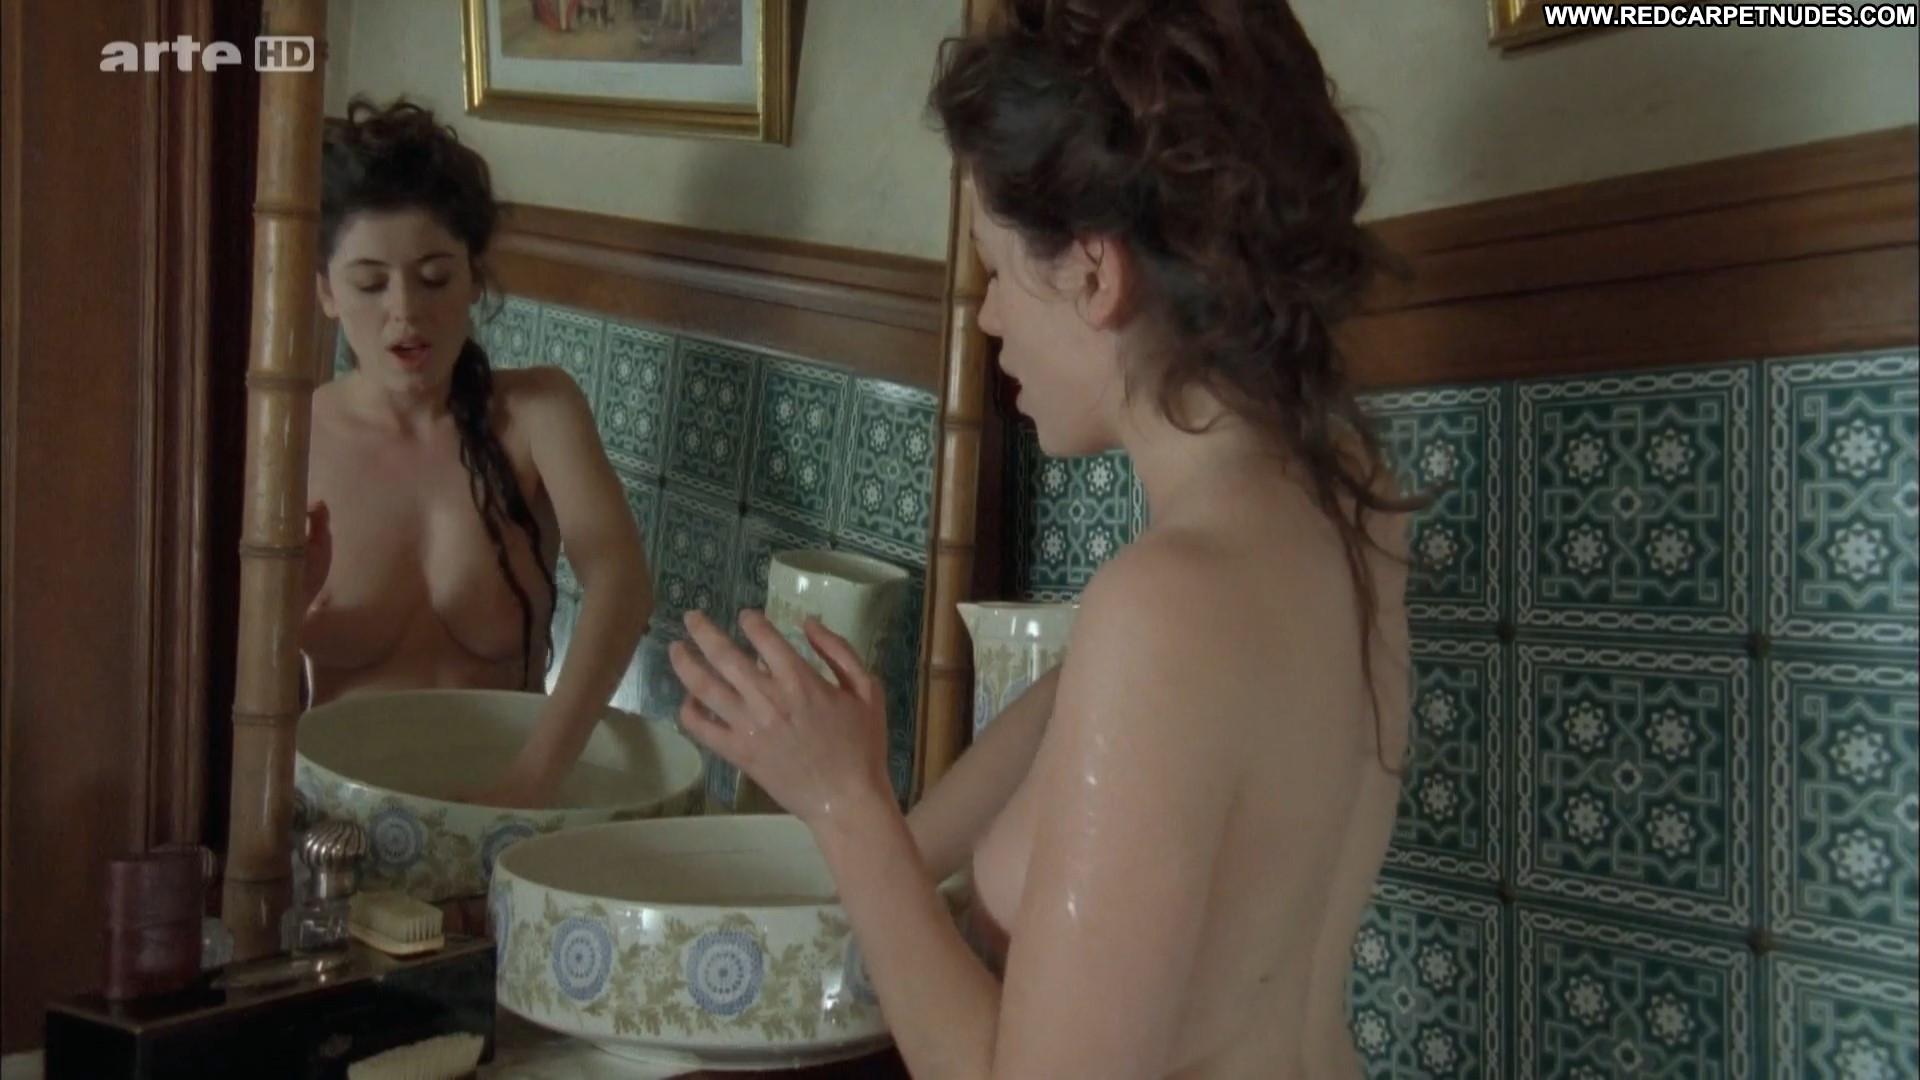 HD Sex Video  Watch free HQ Porn Full length 4k 1080p